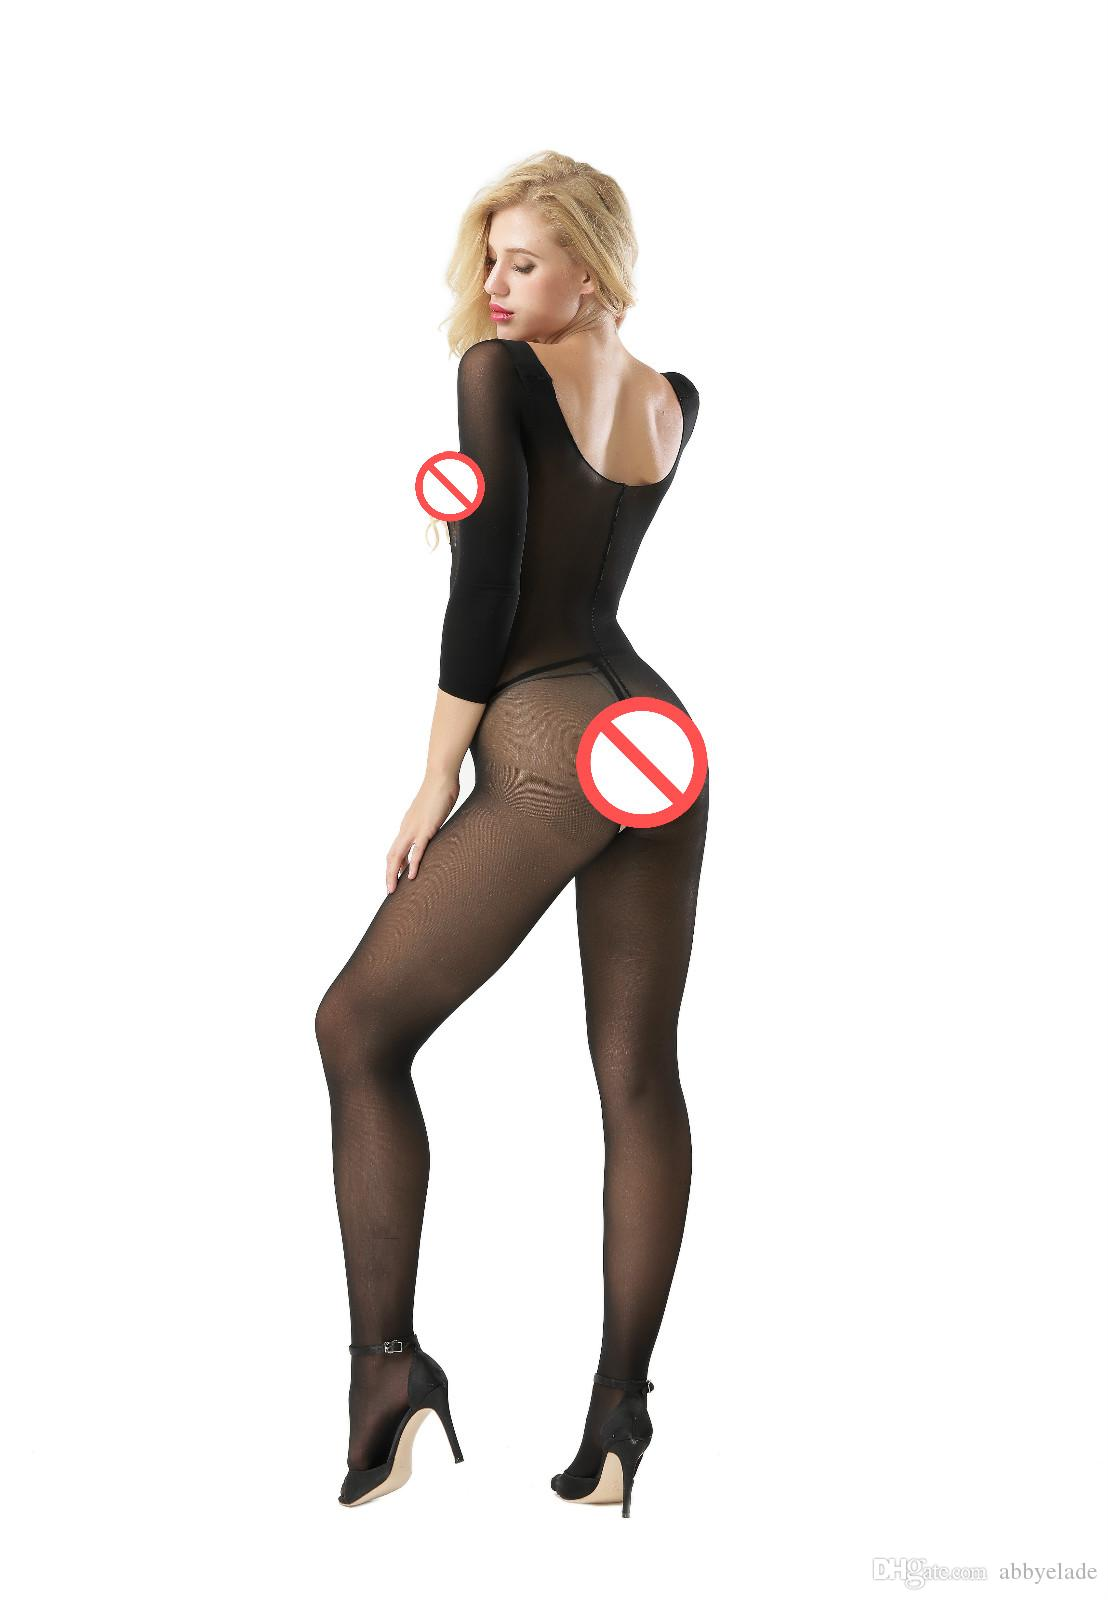 Neue Sexy Körper Transparent Strumpfhosen Sexy UniSex Öffnen Büste Durchsichtig Körper Strümpfe Crotchless Bodystcoking Sexy Pjs